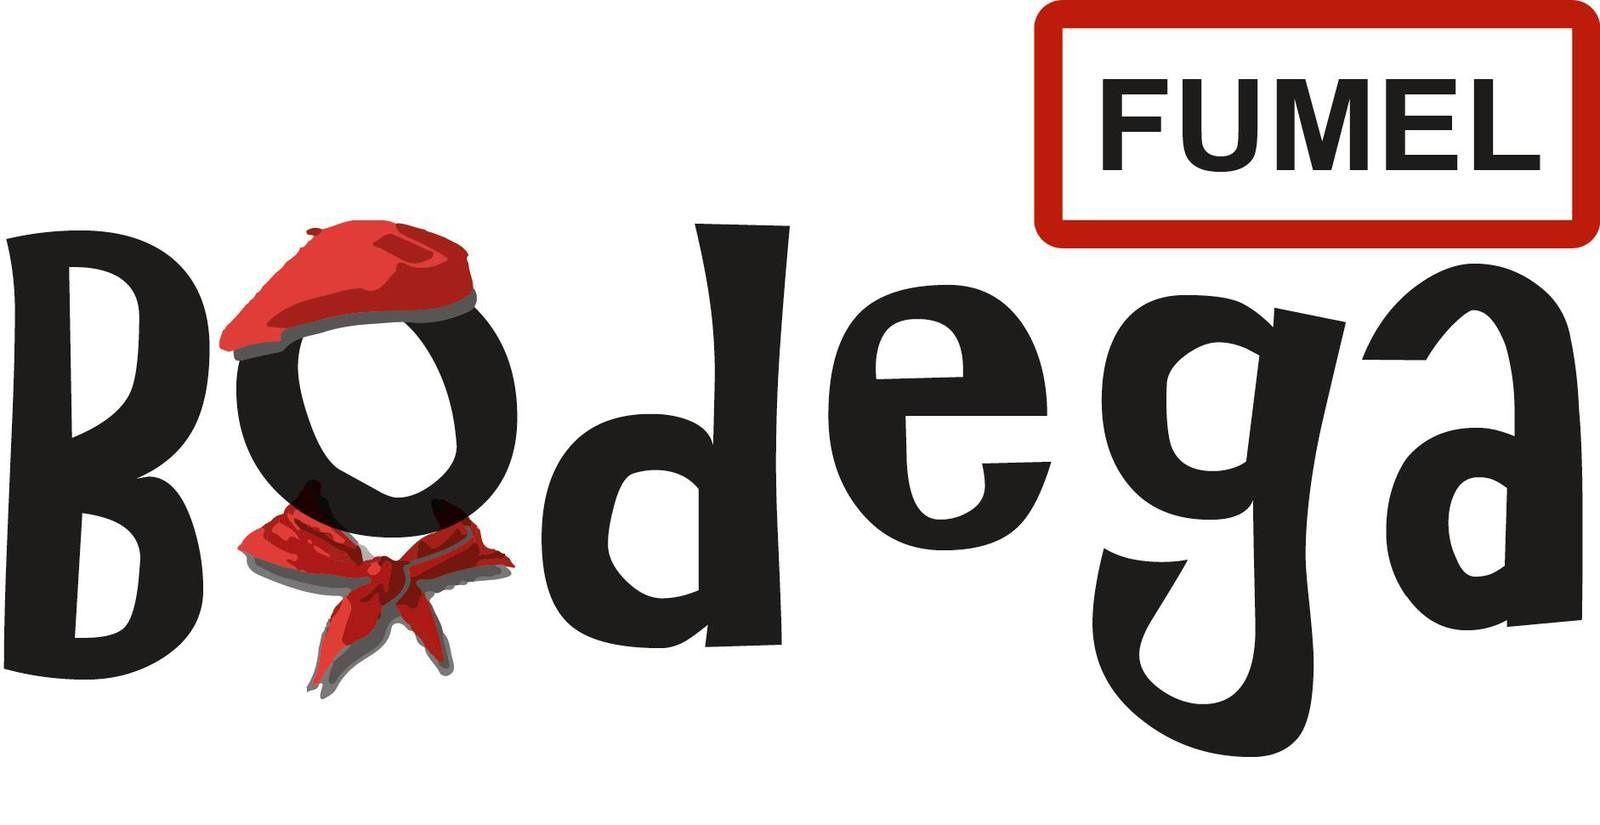 Fumel : Bodega pour tous à Cavallier !!!